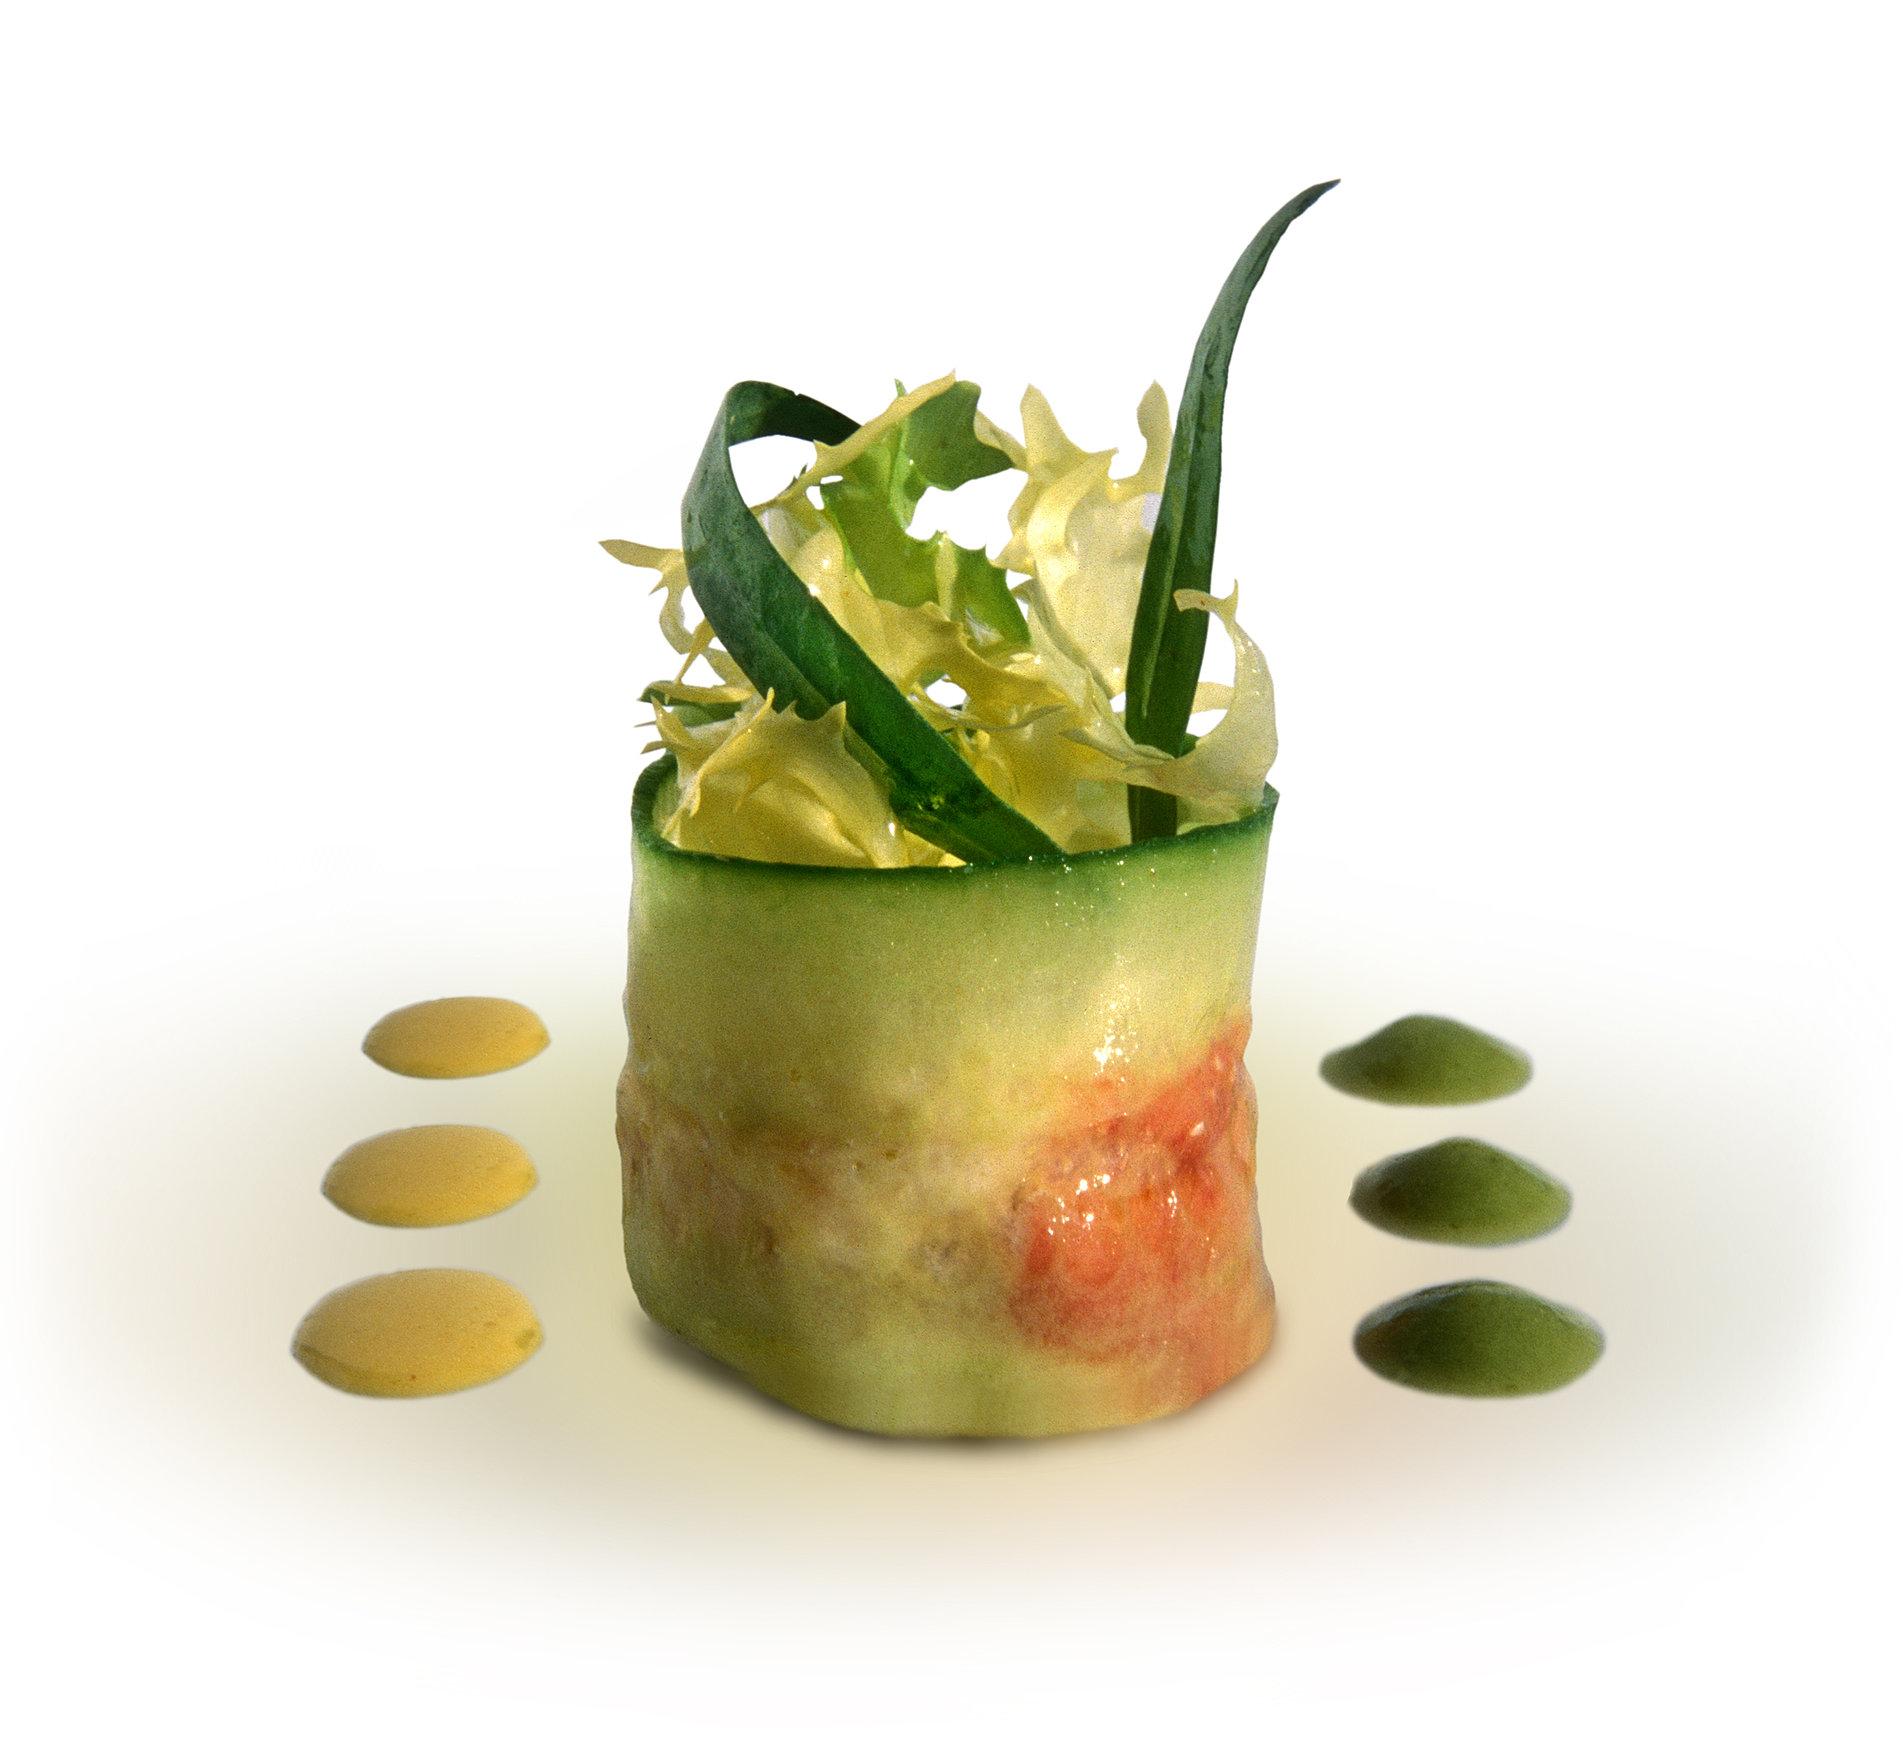 L 39 amuse bouche your gastronomic caterer in geneva and switzerland - L amuse bouche avignon ...